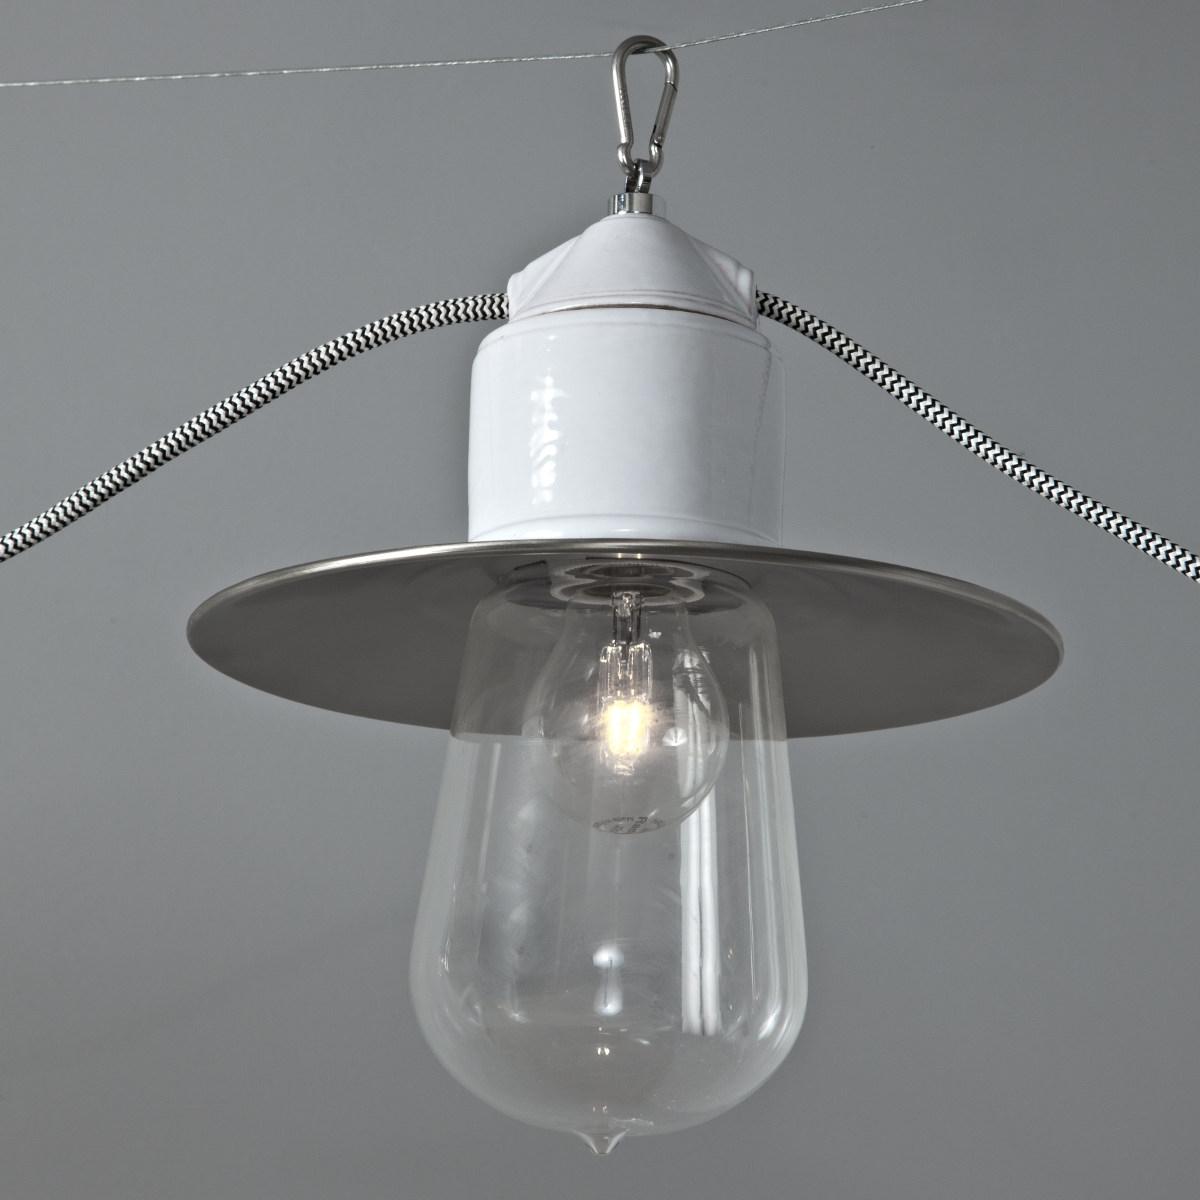 mehrflammiges seilsystem mit einzelpendel im industriellen. Black Bedroom Furniture Sets. Home Design Ideas